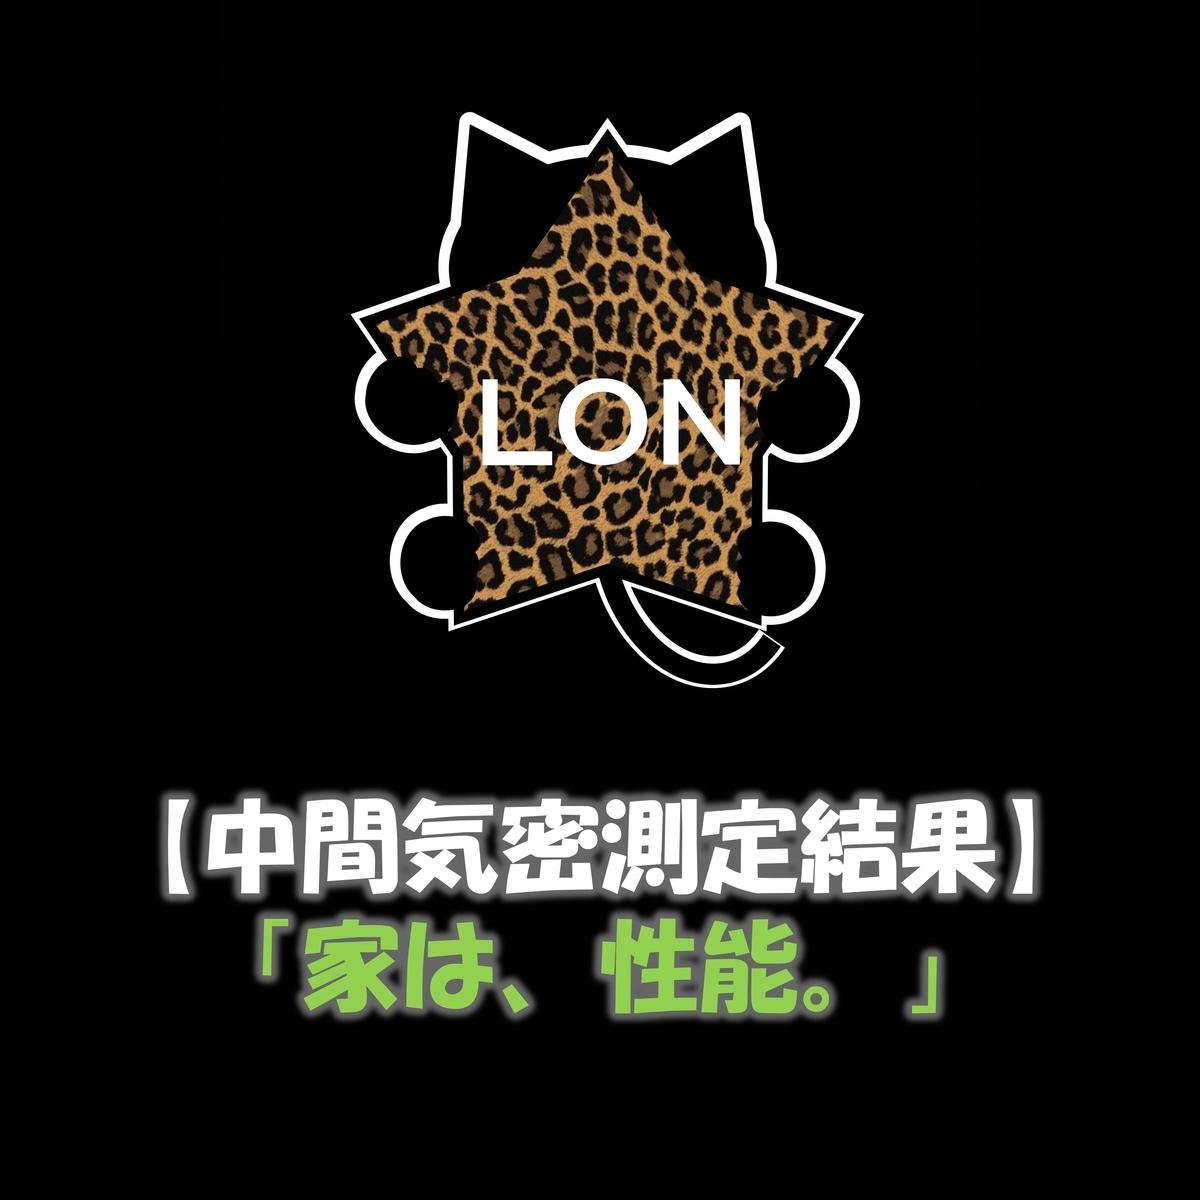 f:id:lon_blackcat:20201210094326j:plain